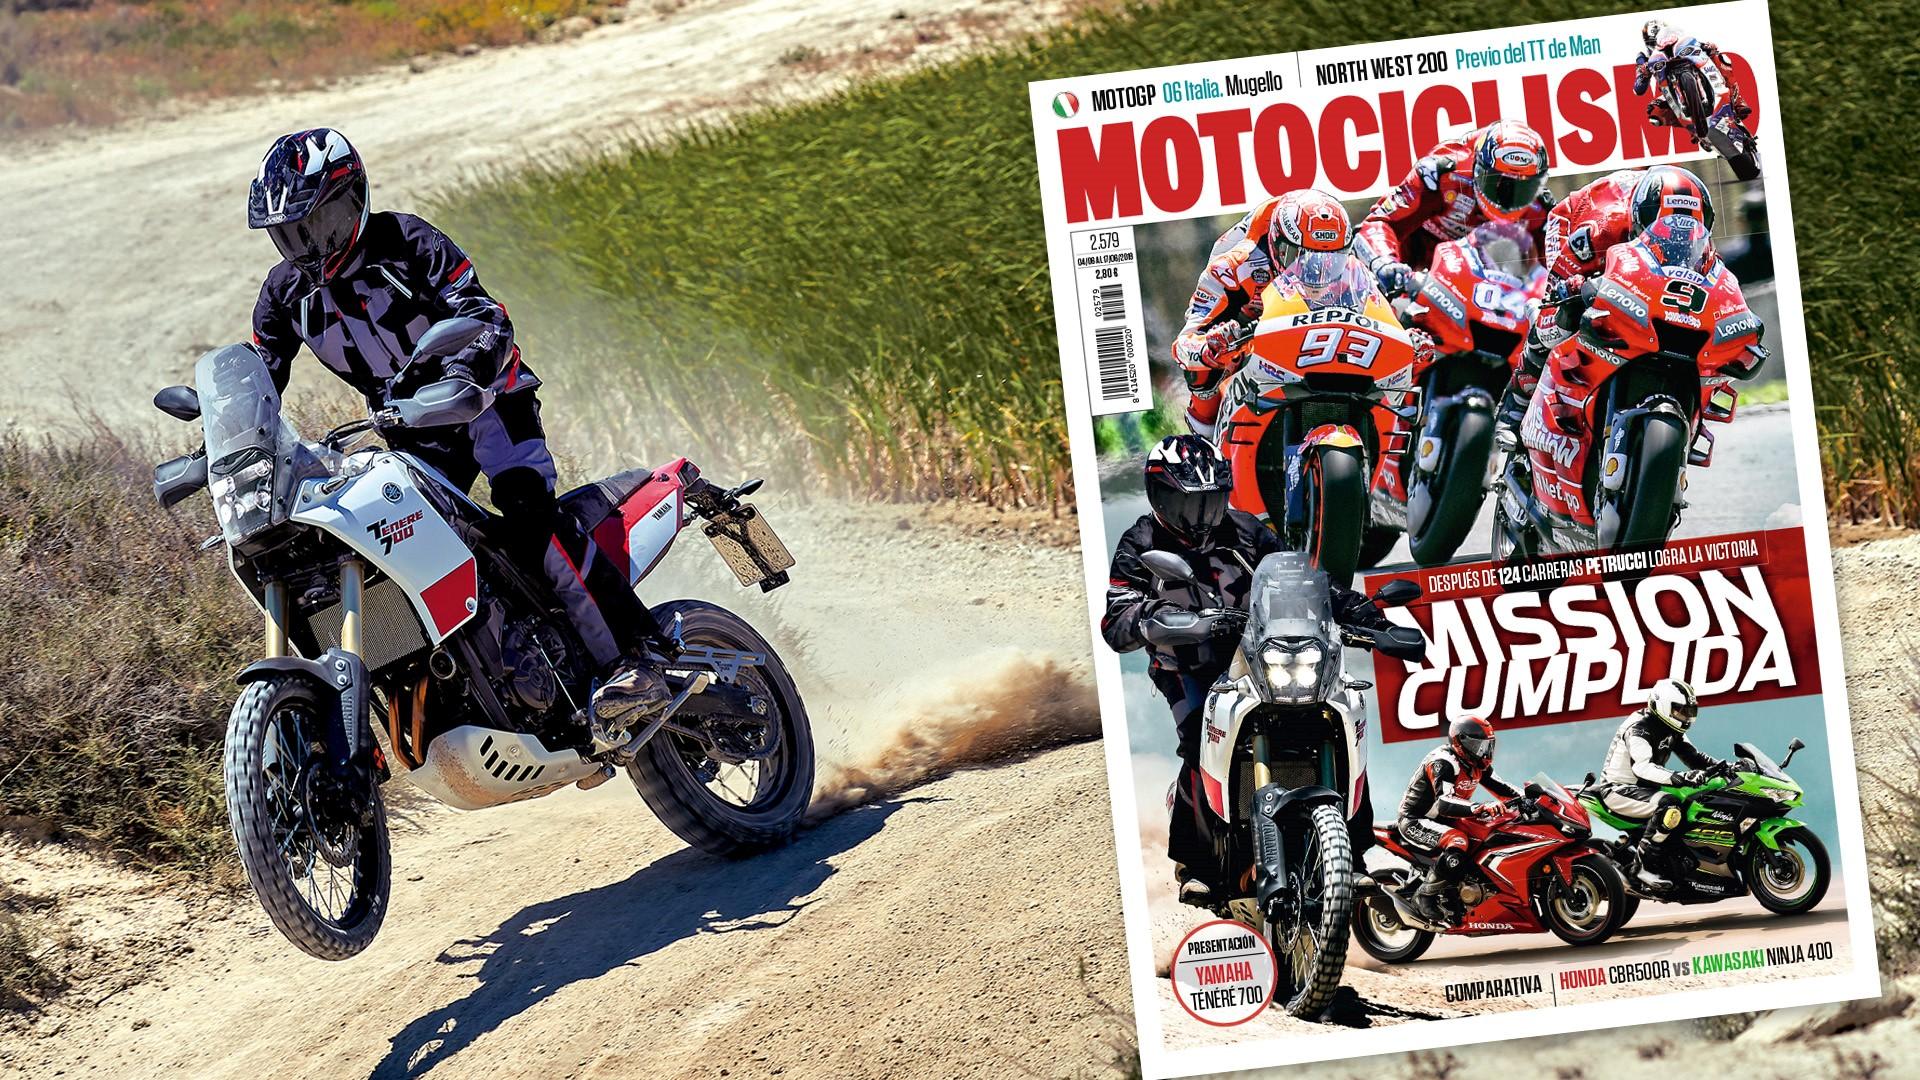 MOTOCICLISMO 2579, contenidos y sumario de la revista